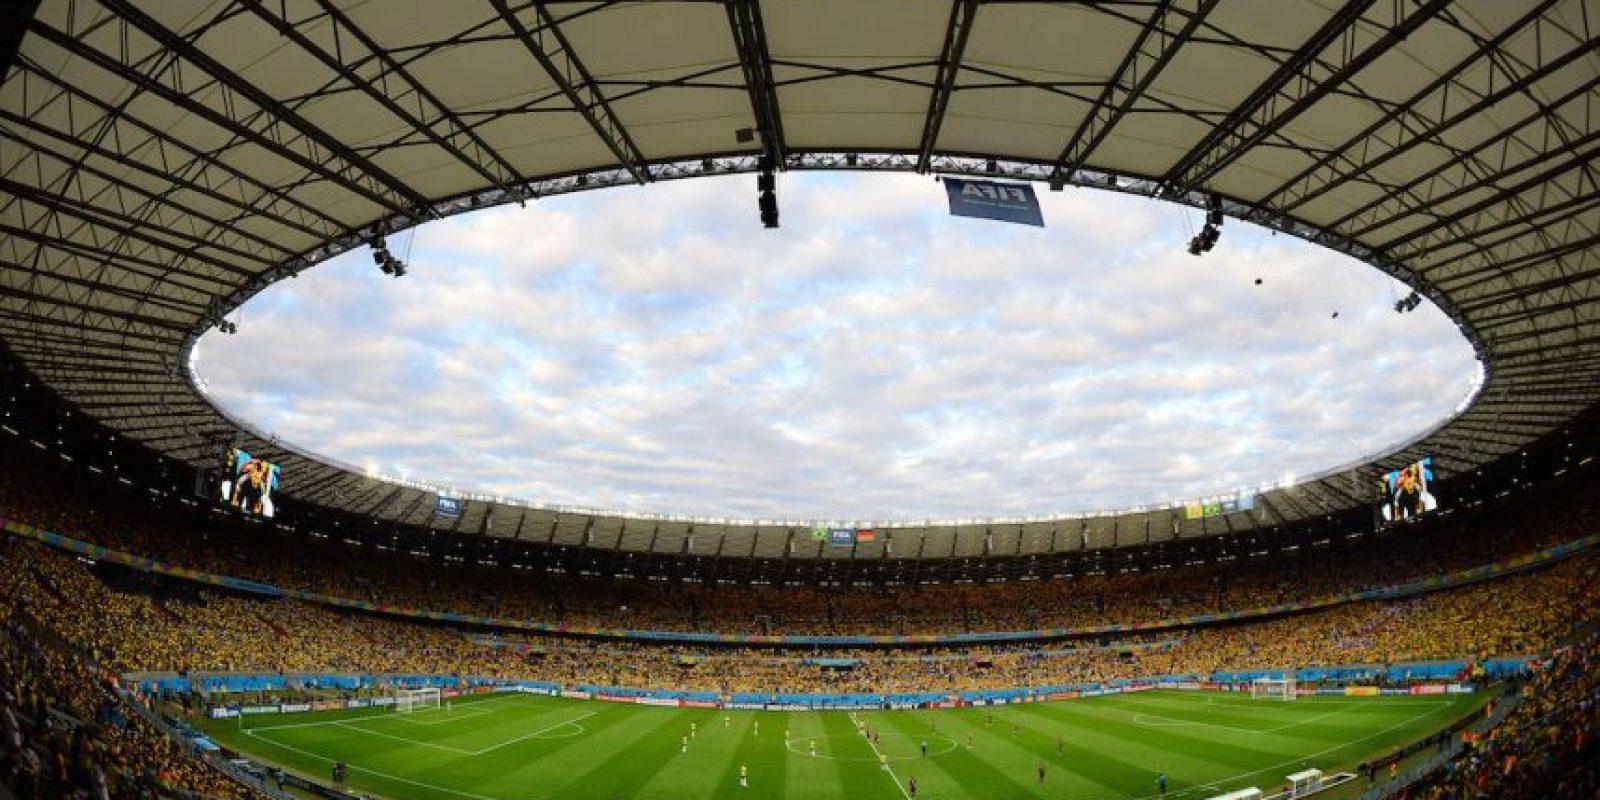 El Estadio Mineirao de Belo Horizonte, fue el testigo de la mayor humillación de la Selección de Brasil en la historia. Foto:Getty Images